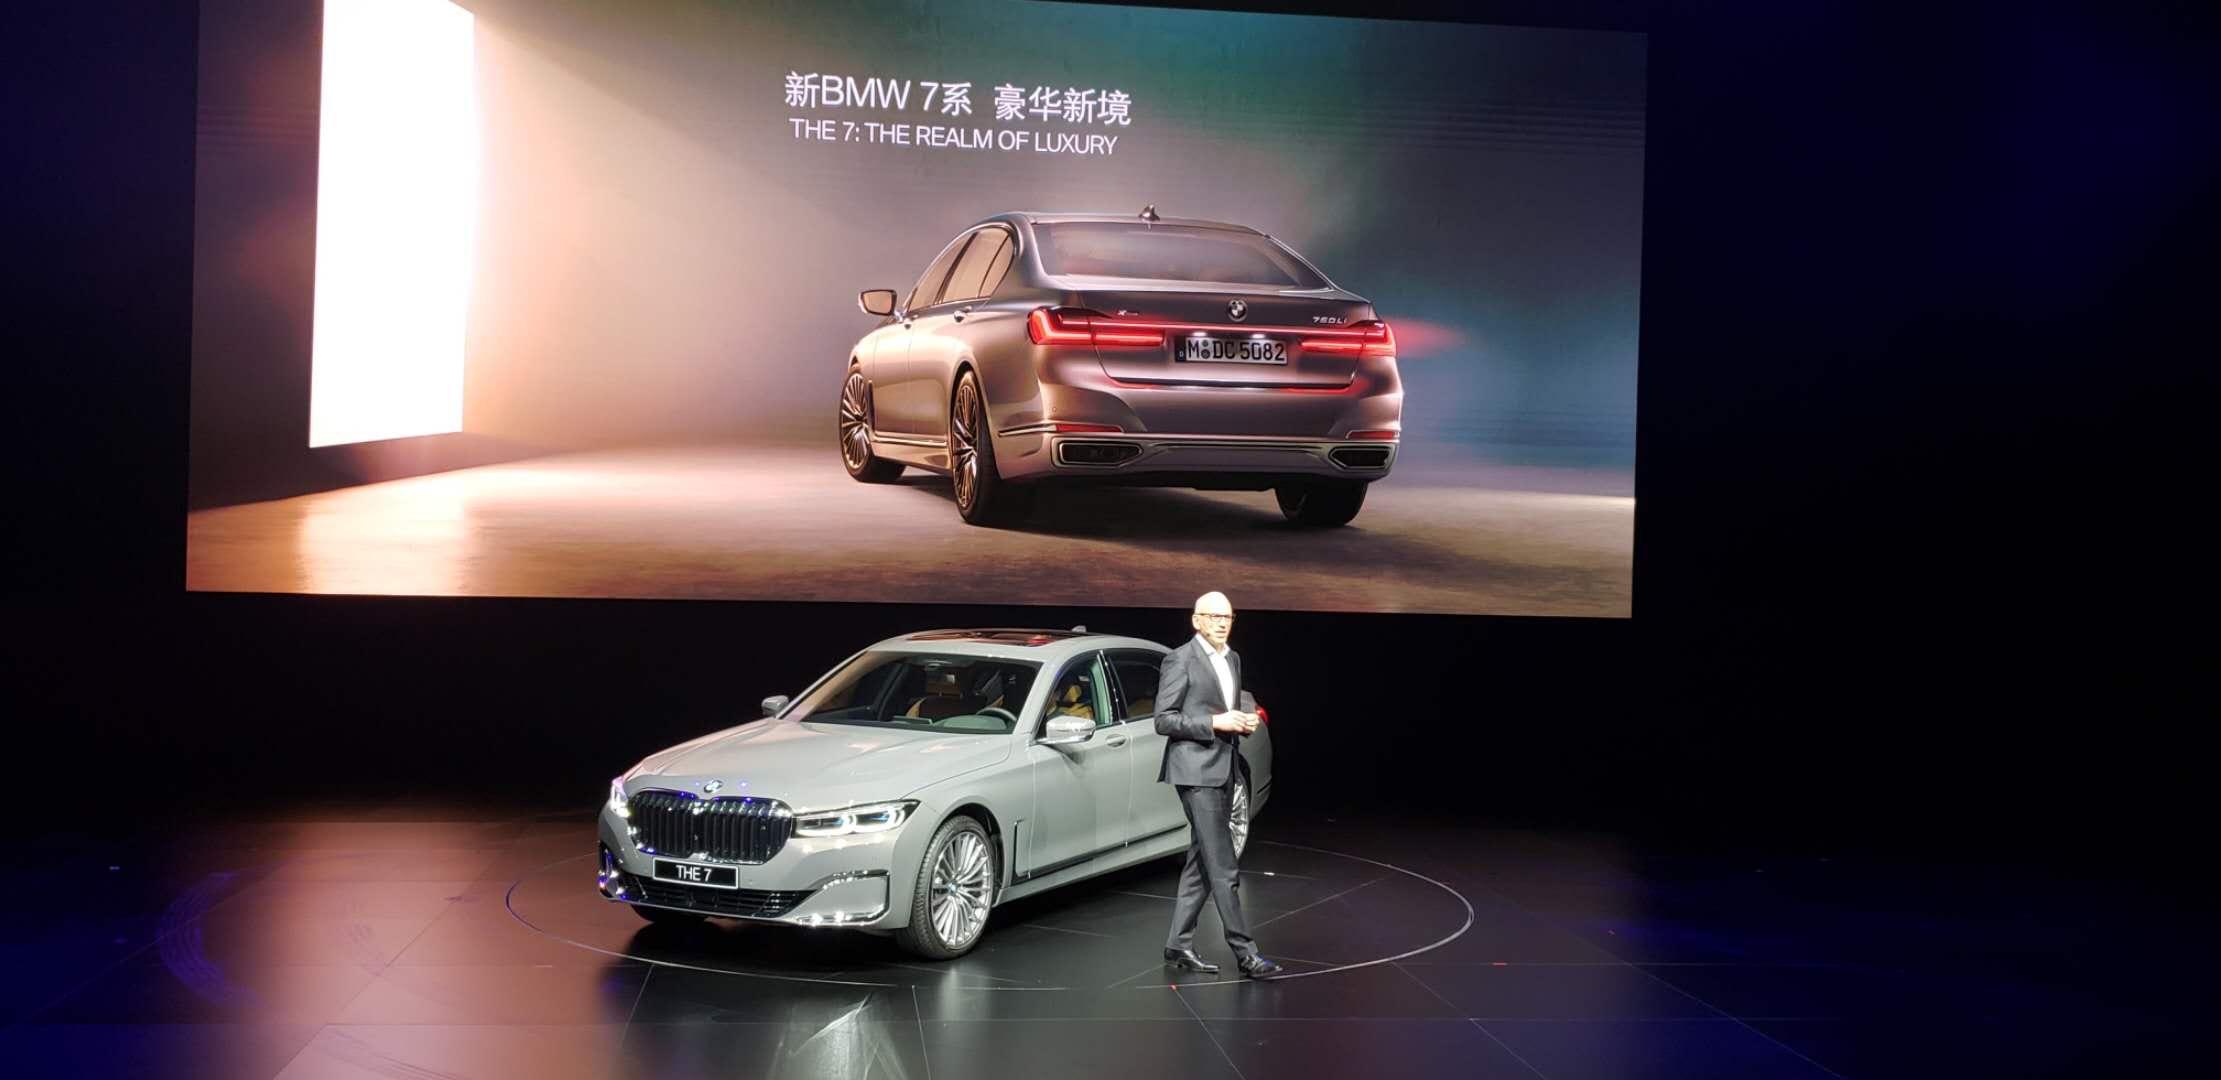 宝马开启新豪华模式-汽车频道-和讯网